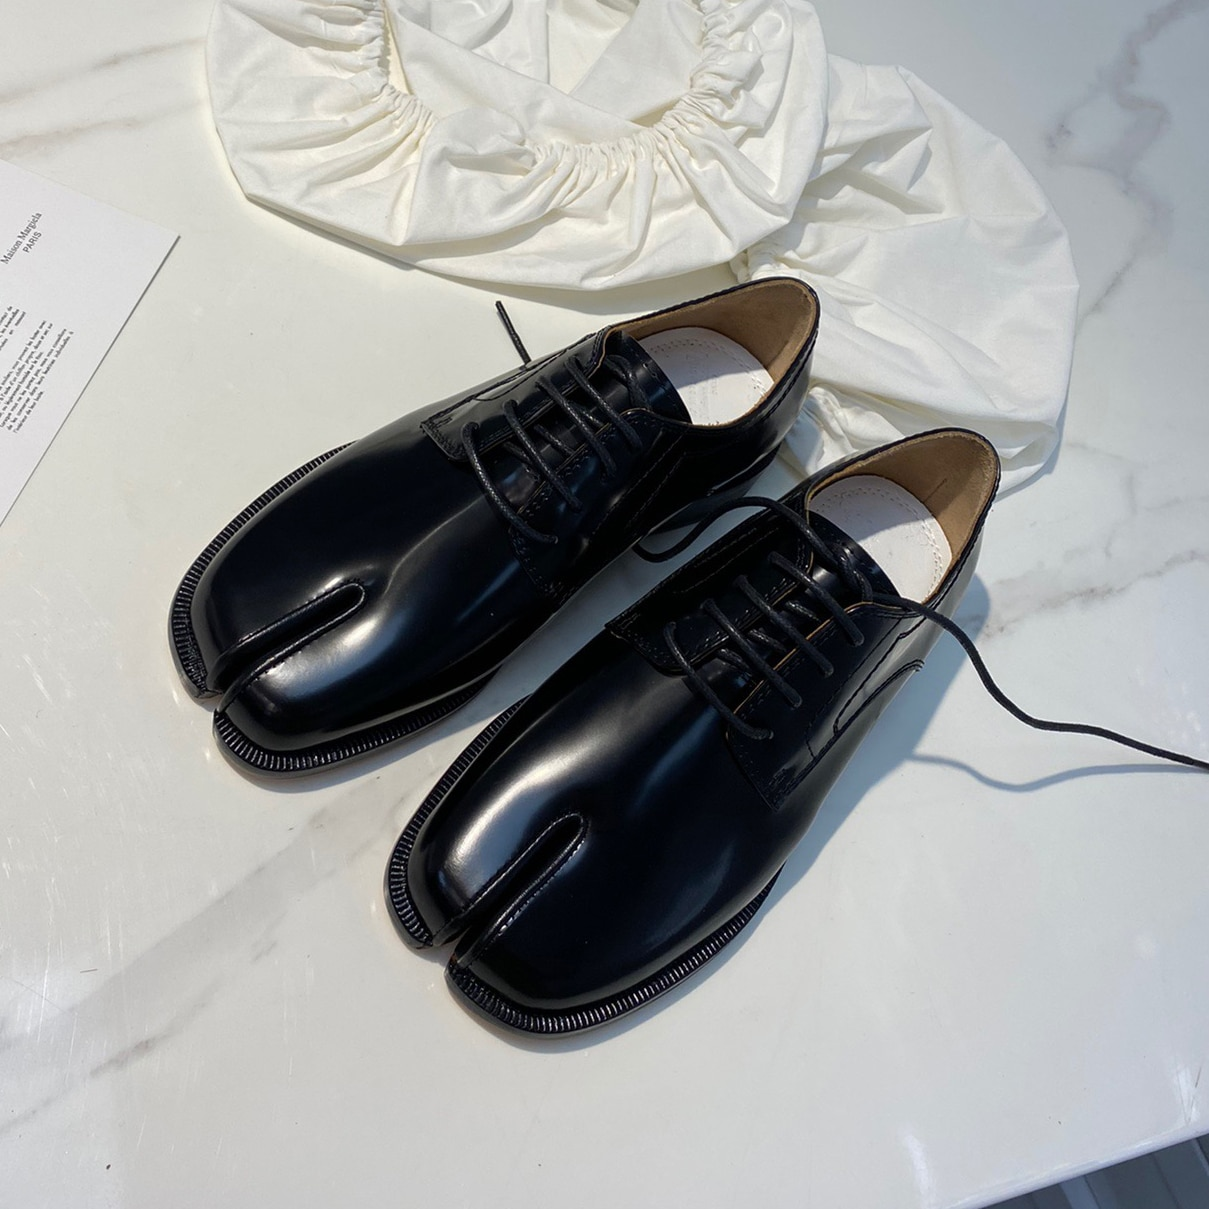 نساء ربيع حقيقي أحذية جلدية بدون كعب للمرأة عالية الجودة السيدات أحذية مسطحة واحدة منفصلة تو حذاء كاجوال احذية نسائية